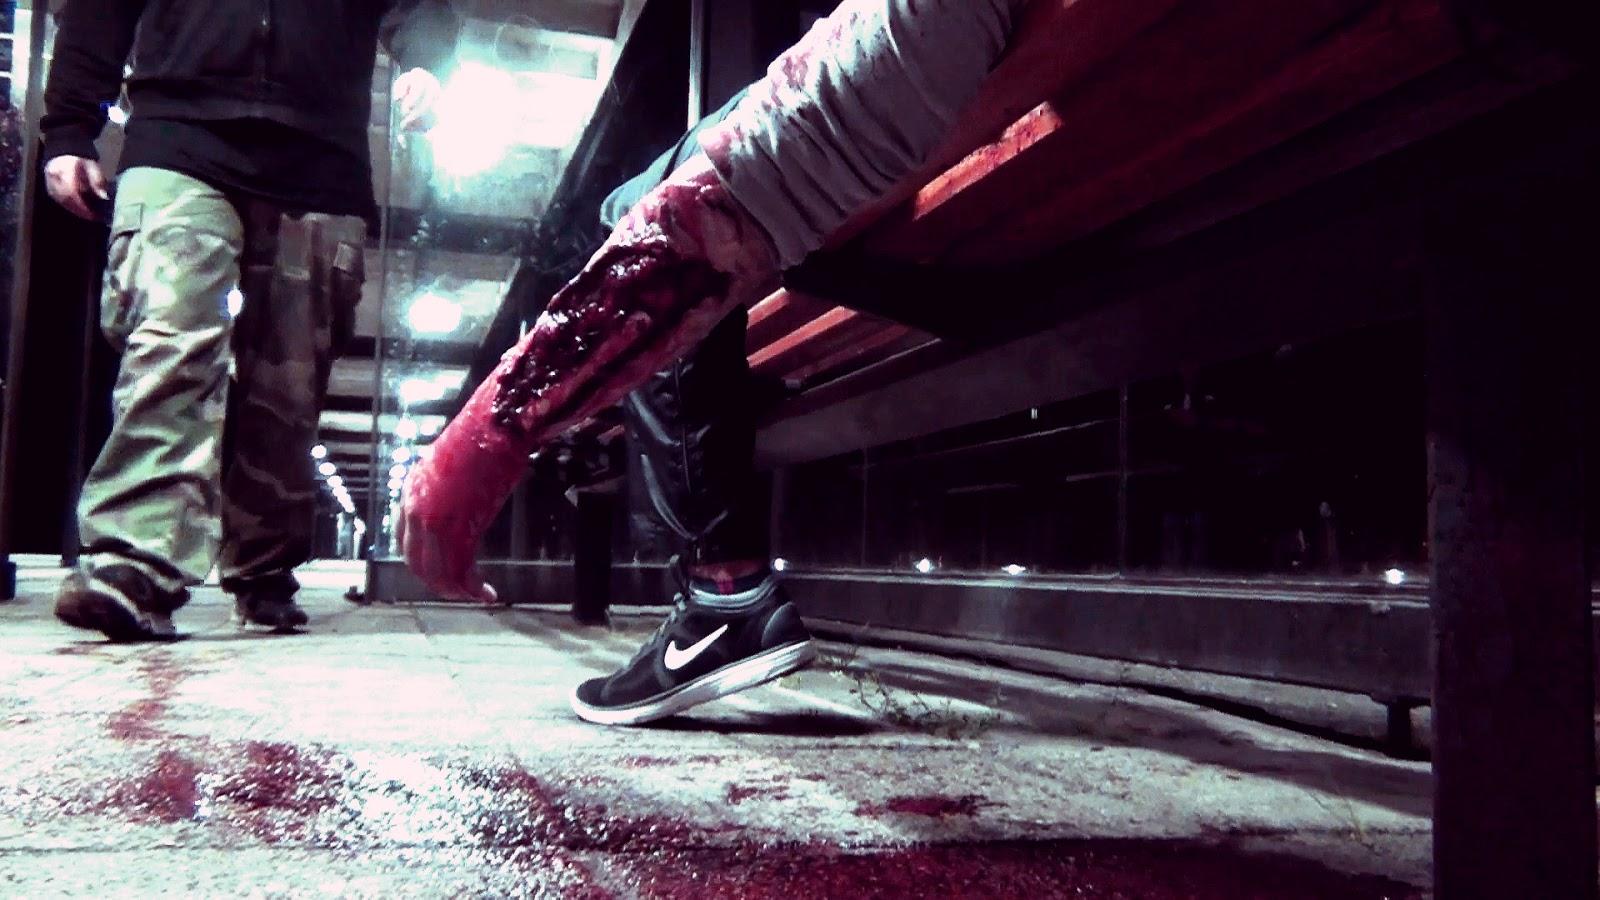 Escaping The Dead: prime immagini dalla pellicola indie